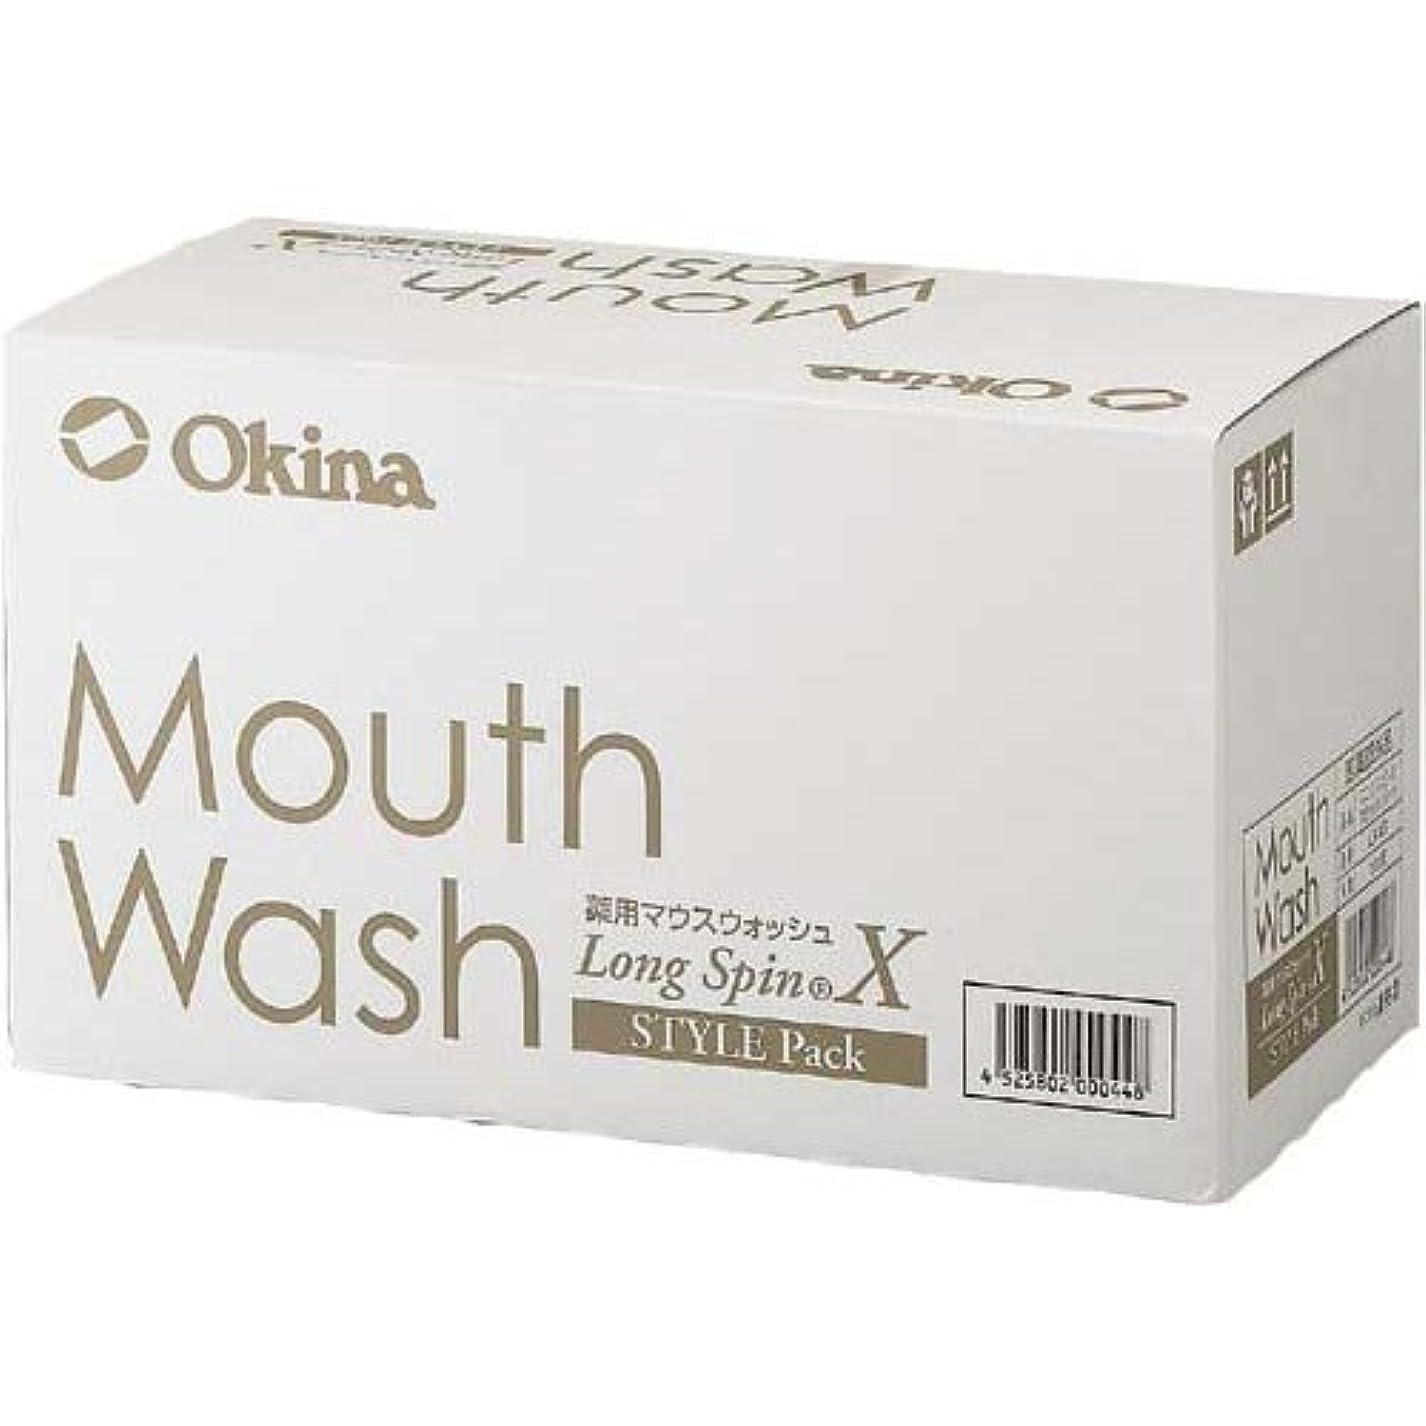 批判的に誘導割り当てるオキナ 薬用 マウスウォッシュ ロングスピン スタイルパック ミント 100個入